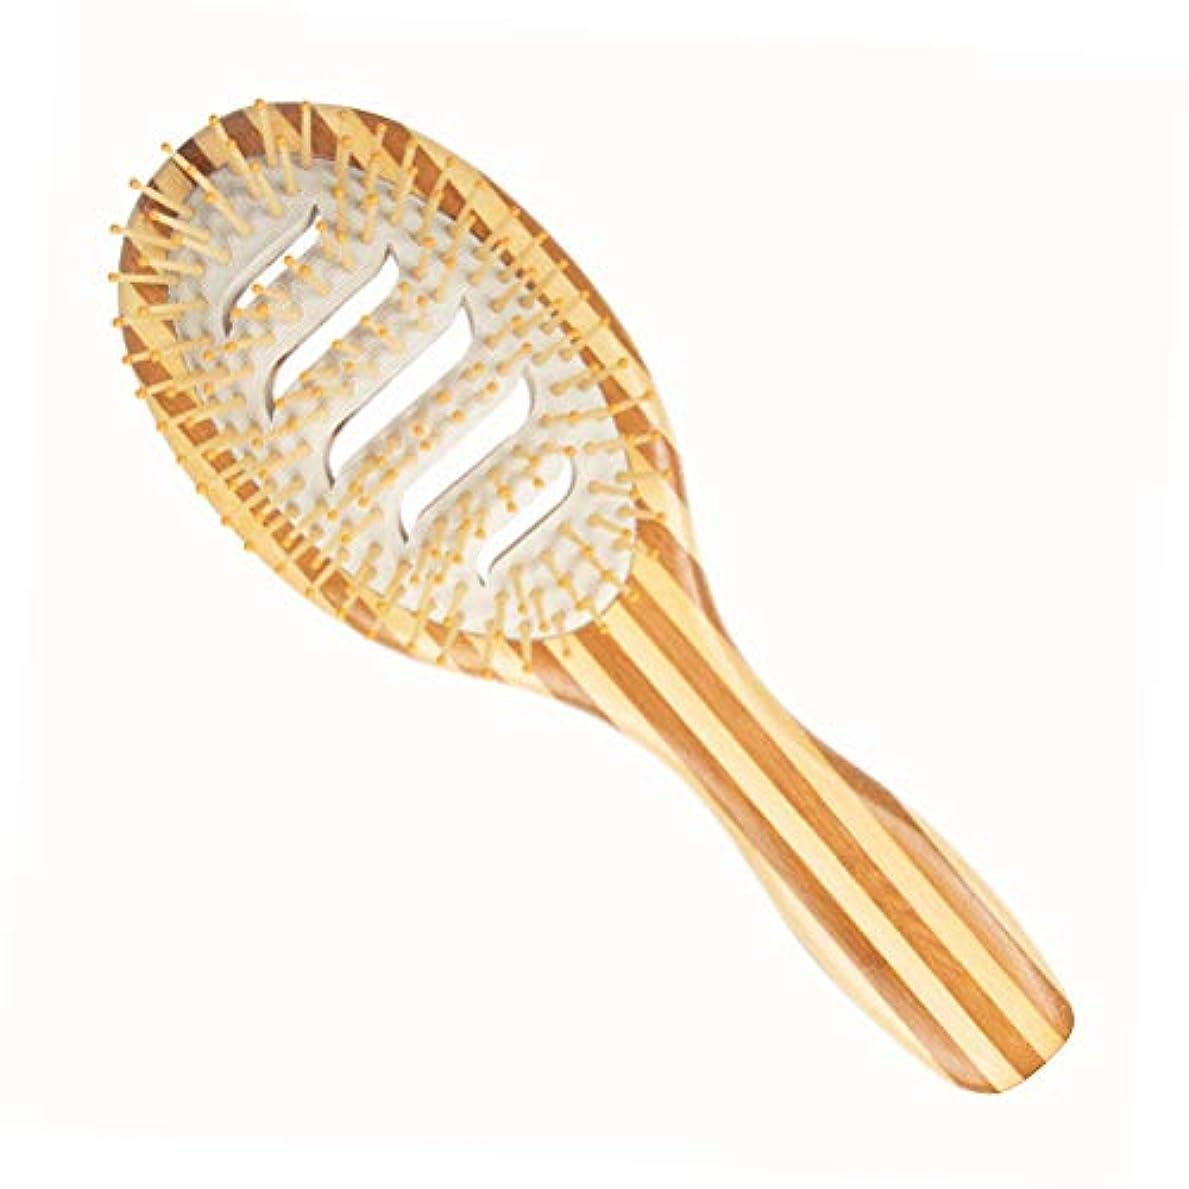 検査官避ける特徴Healifty 女性男性子供のための竹マッサージ頭皮の櫛のシマウマのストライプのもつれを解消するヘアブラシ